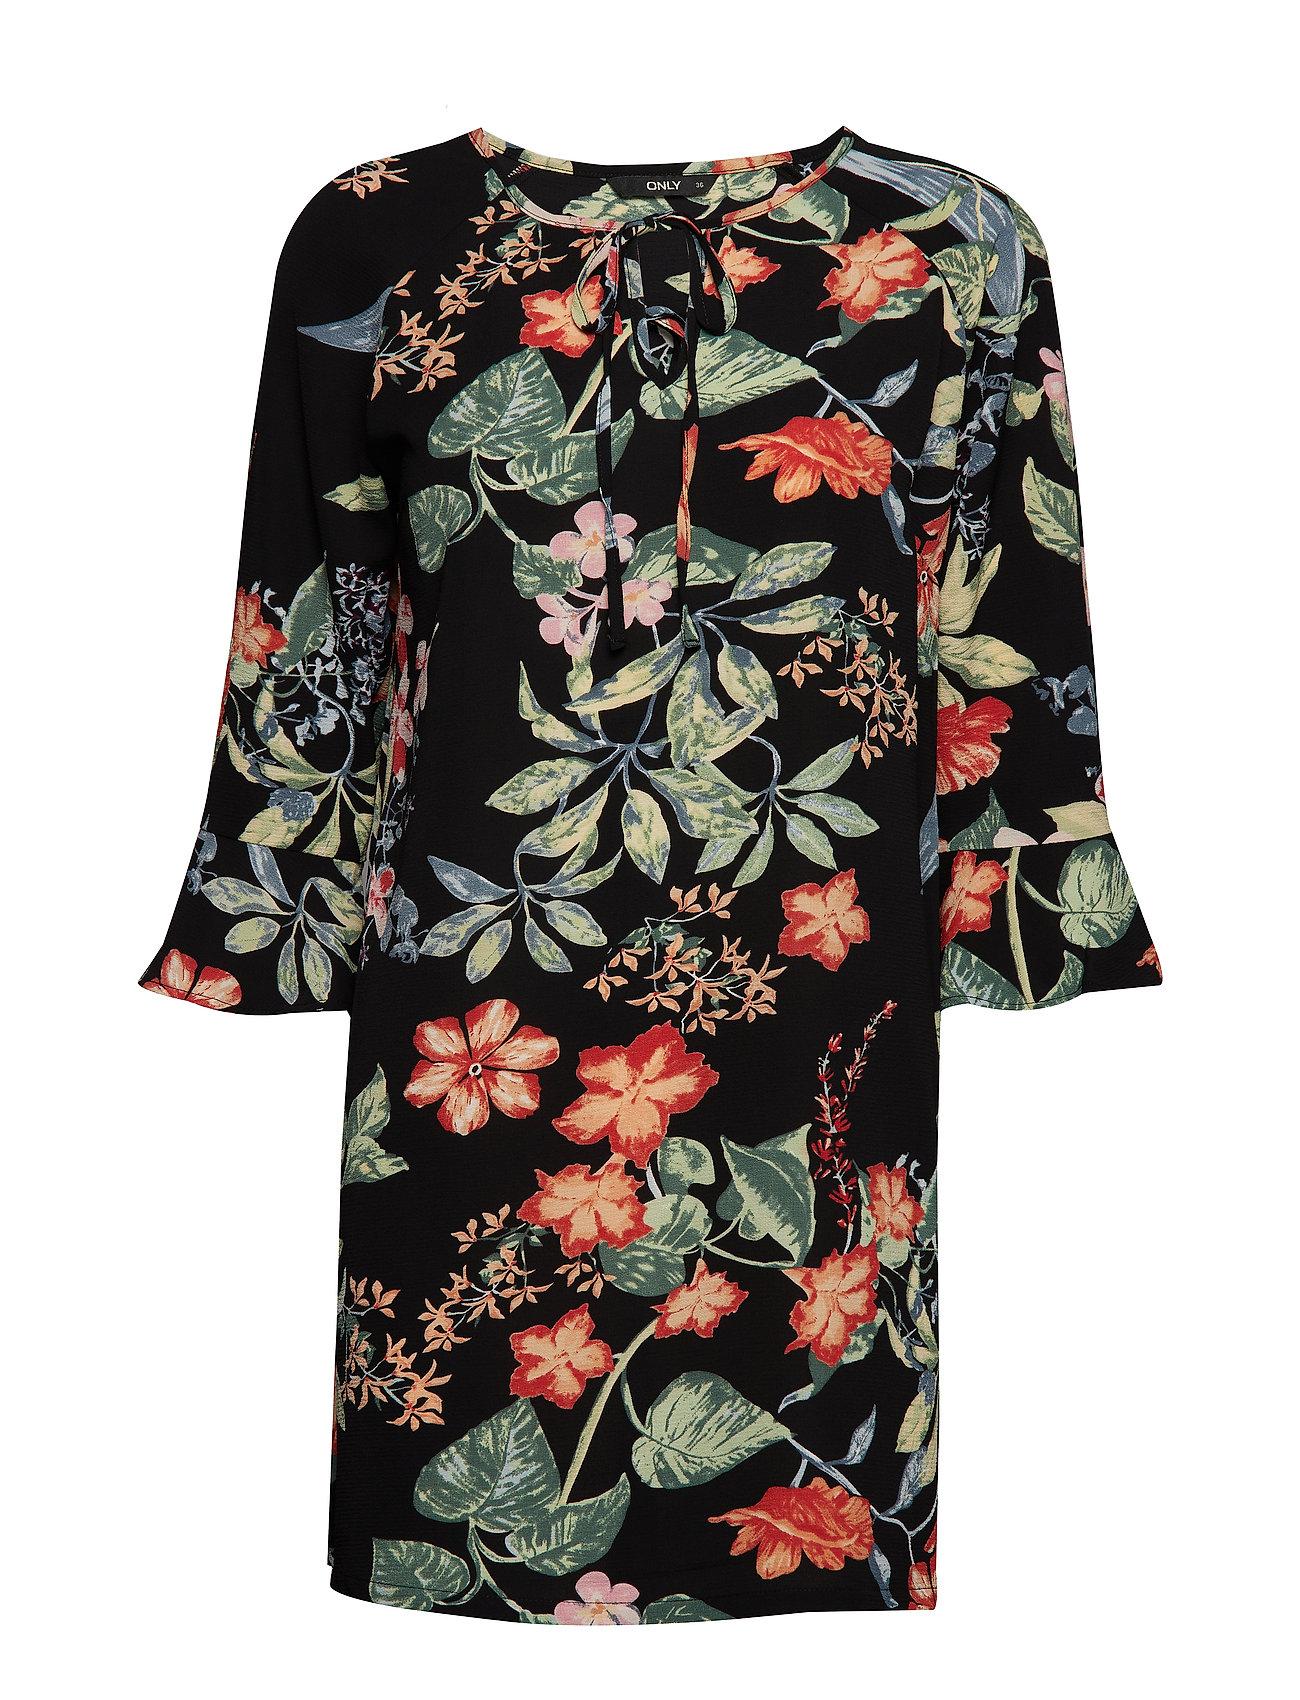 0276c30fa2f4 Sort ONLY Onlnova Lux Tie Dress Aop 4 Wvn korte kjoler for dame ...